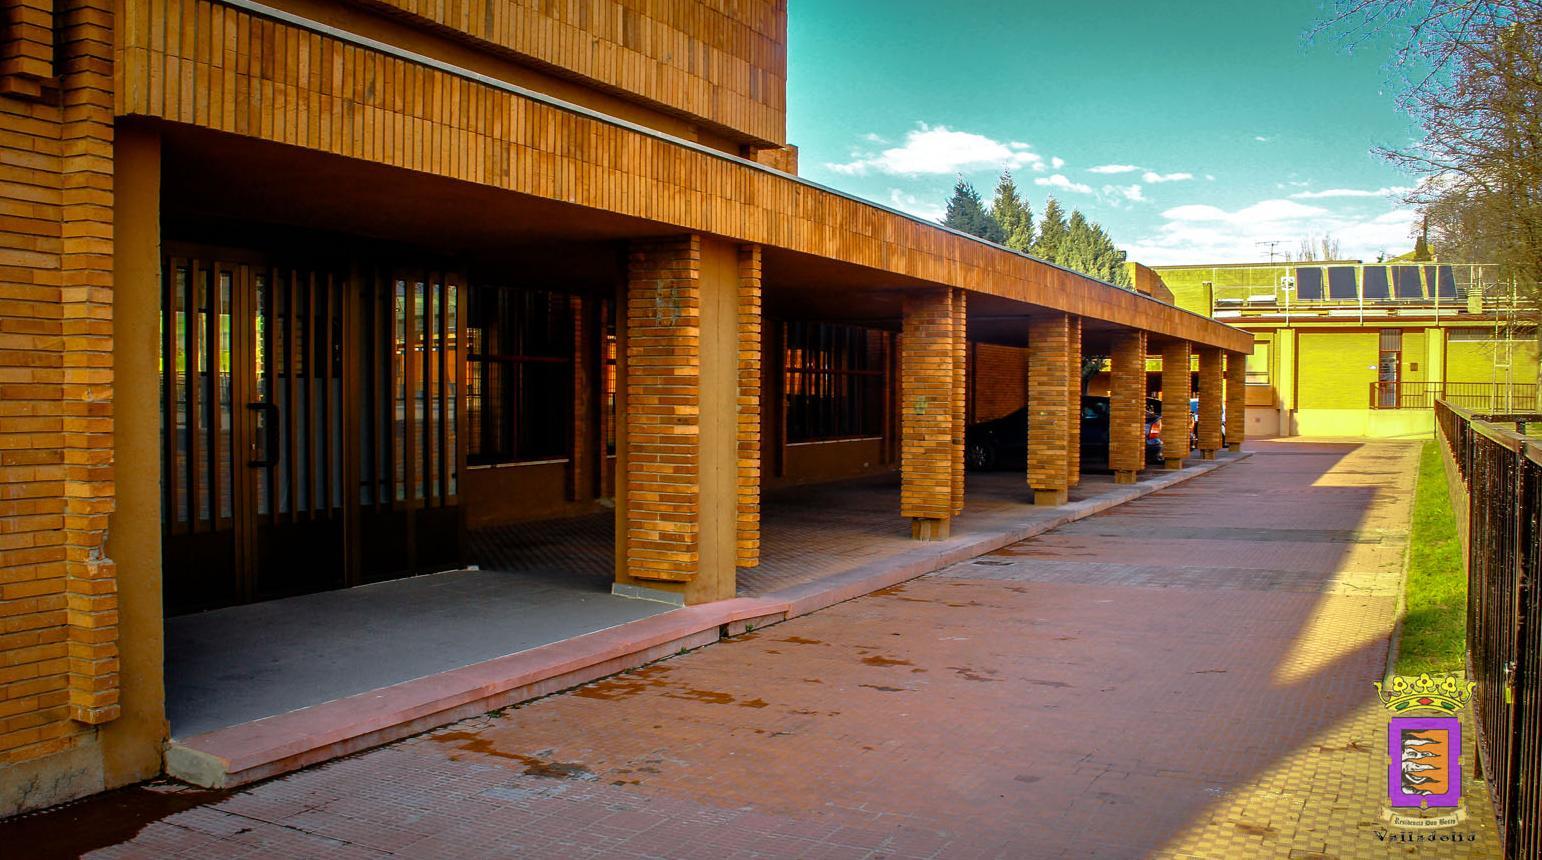 Foto 2 de Residencias de estudiantes en Valladolid | Residencia Universitaria Don Bosco